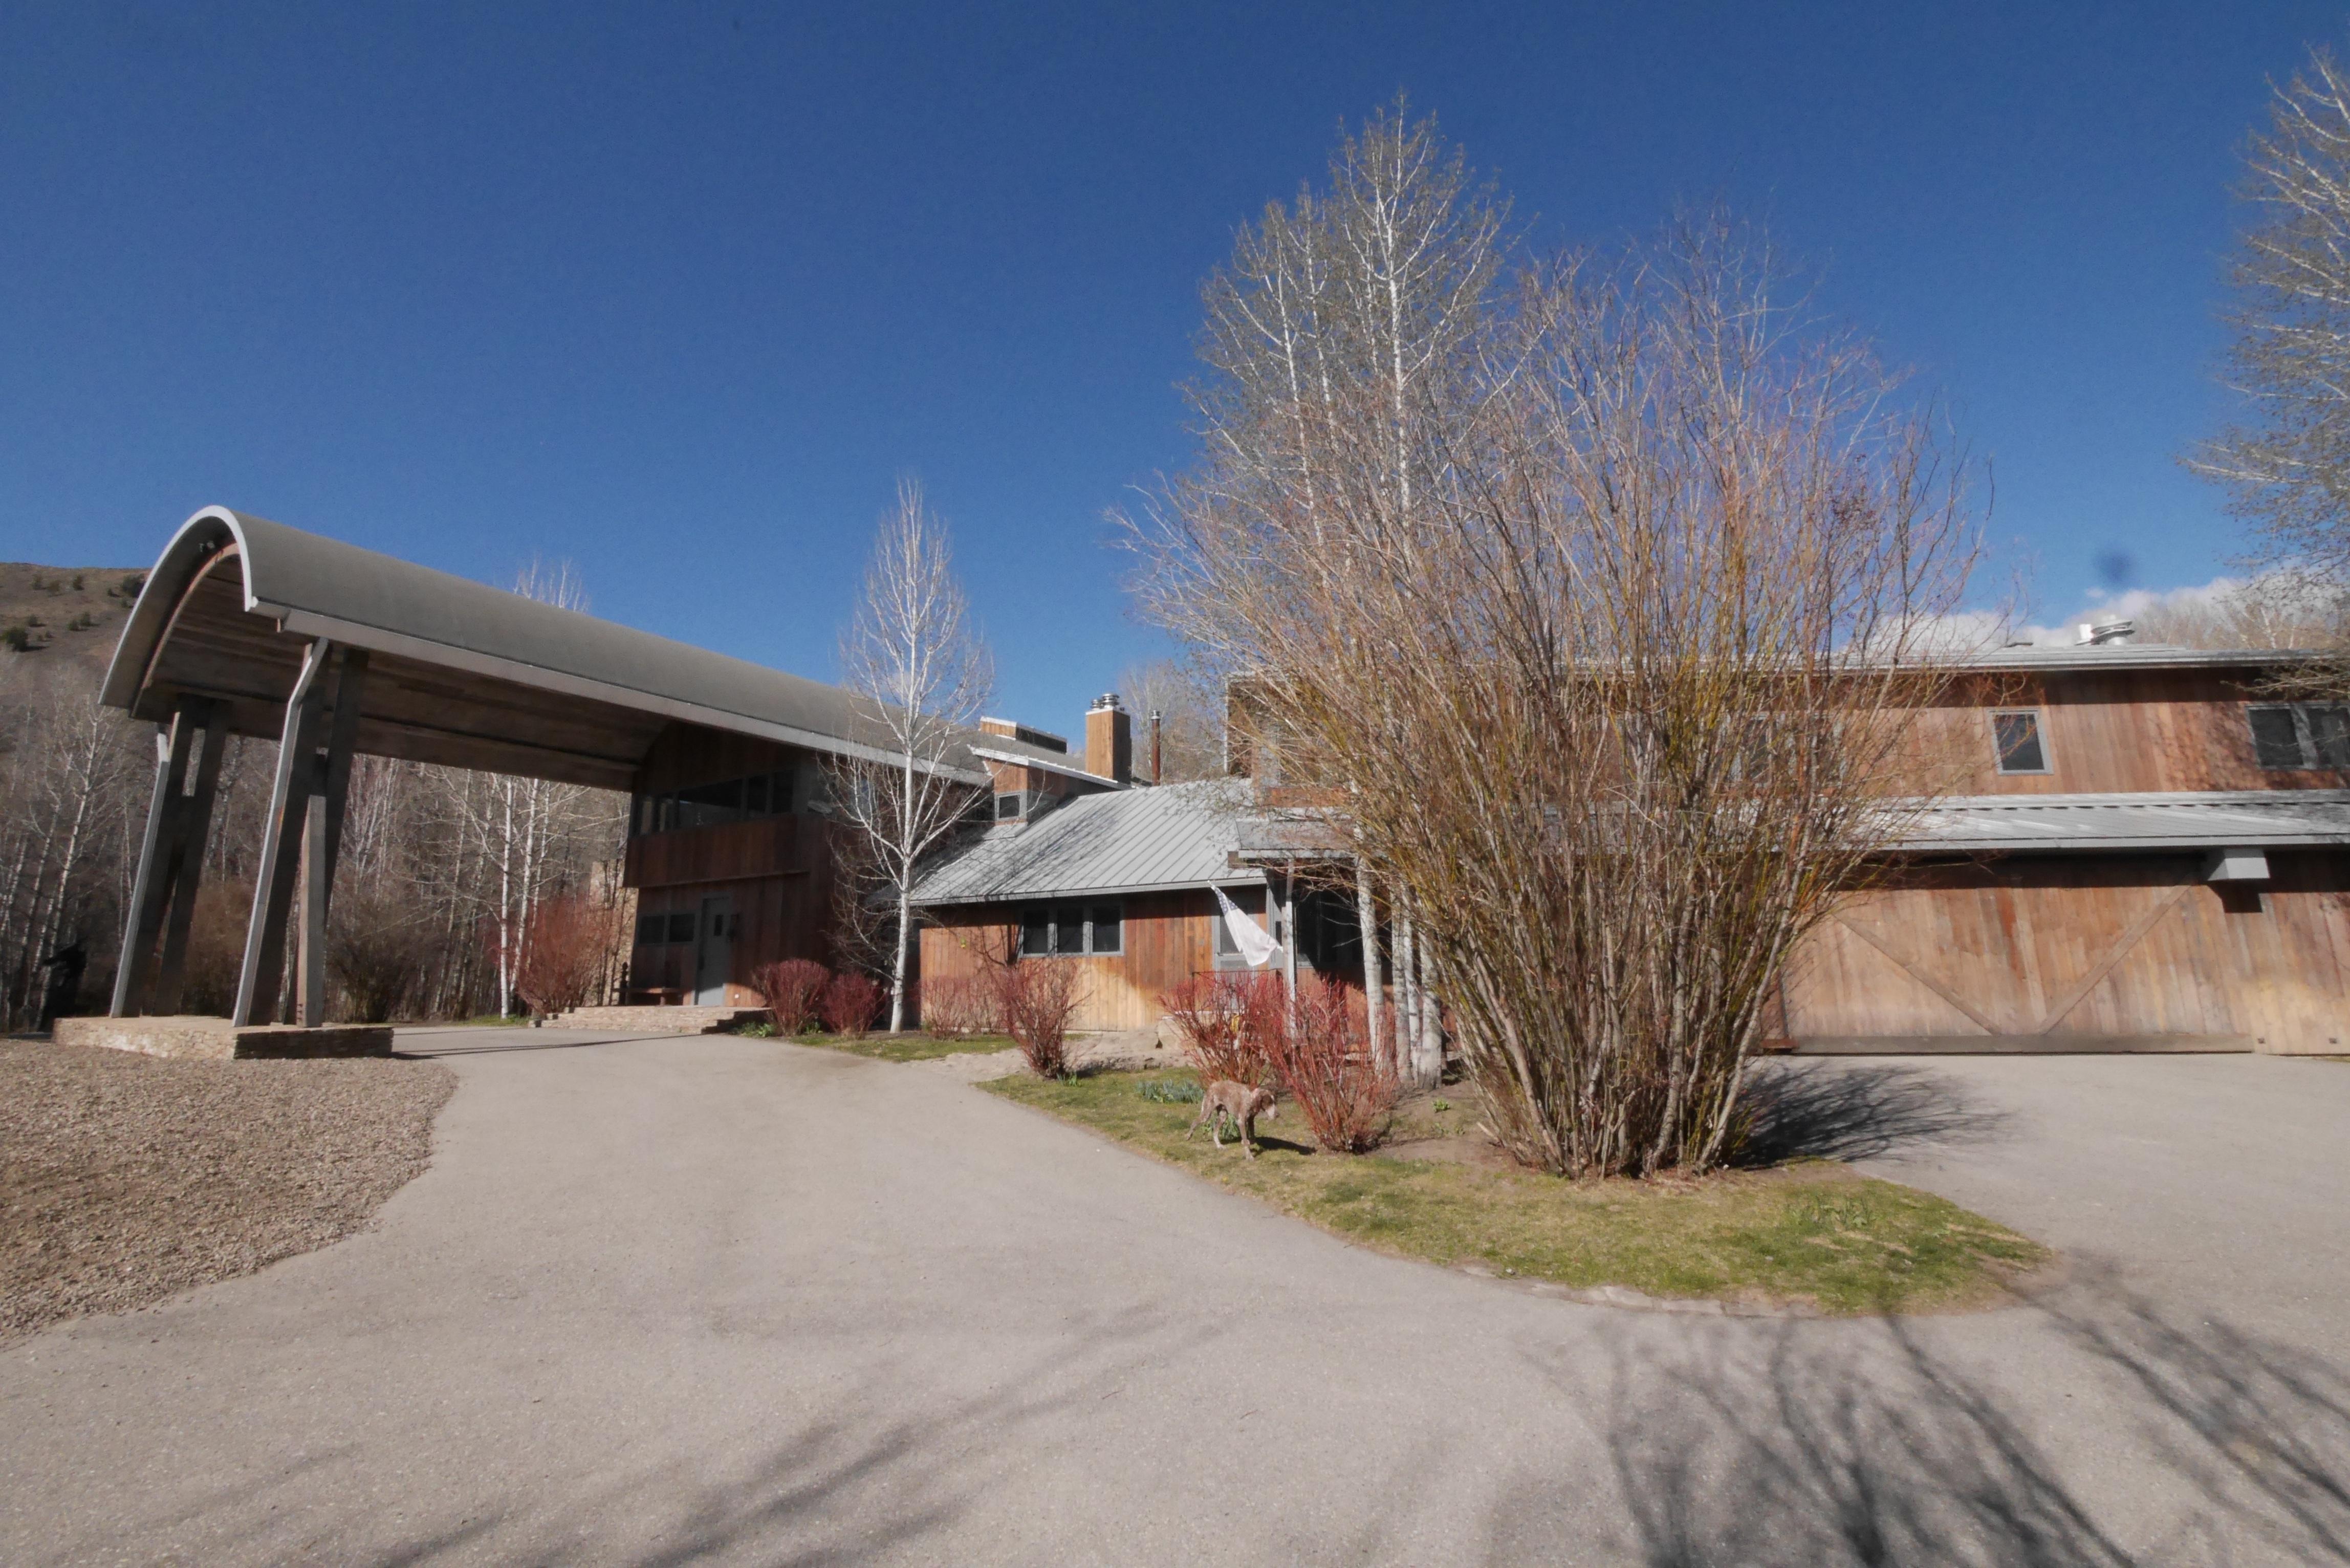 11882 Highway 75, Hailey, Idaho 83333